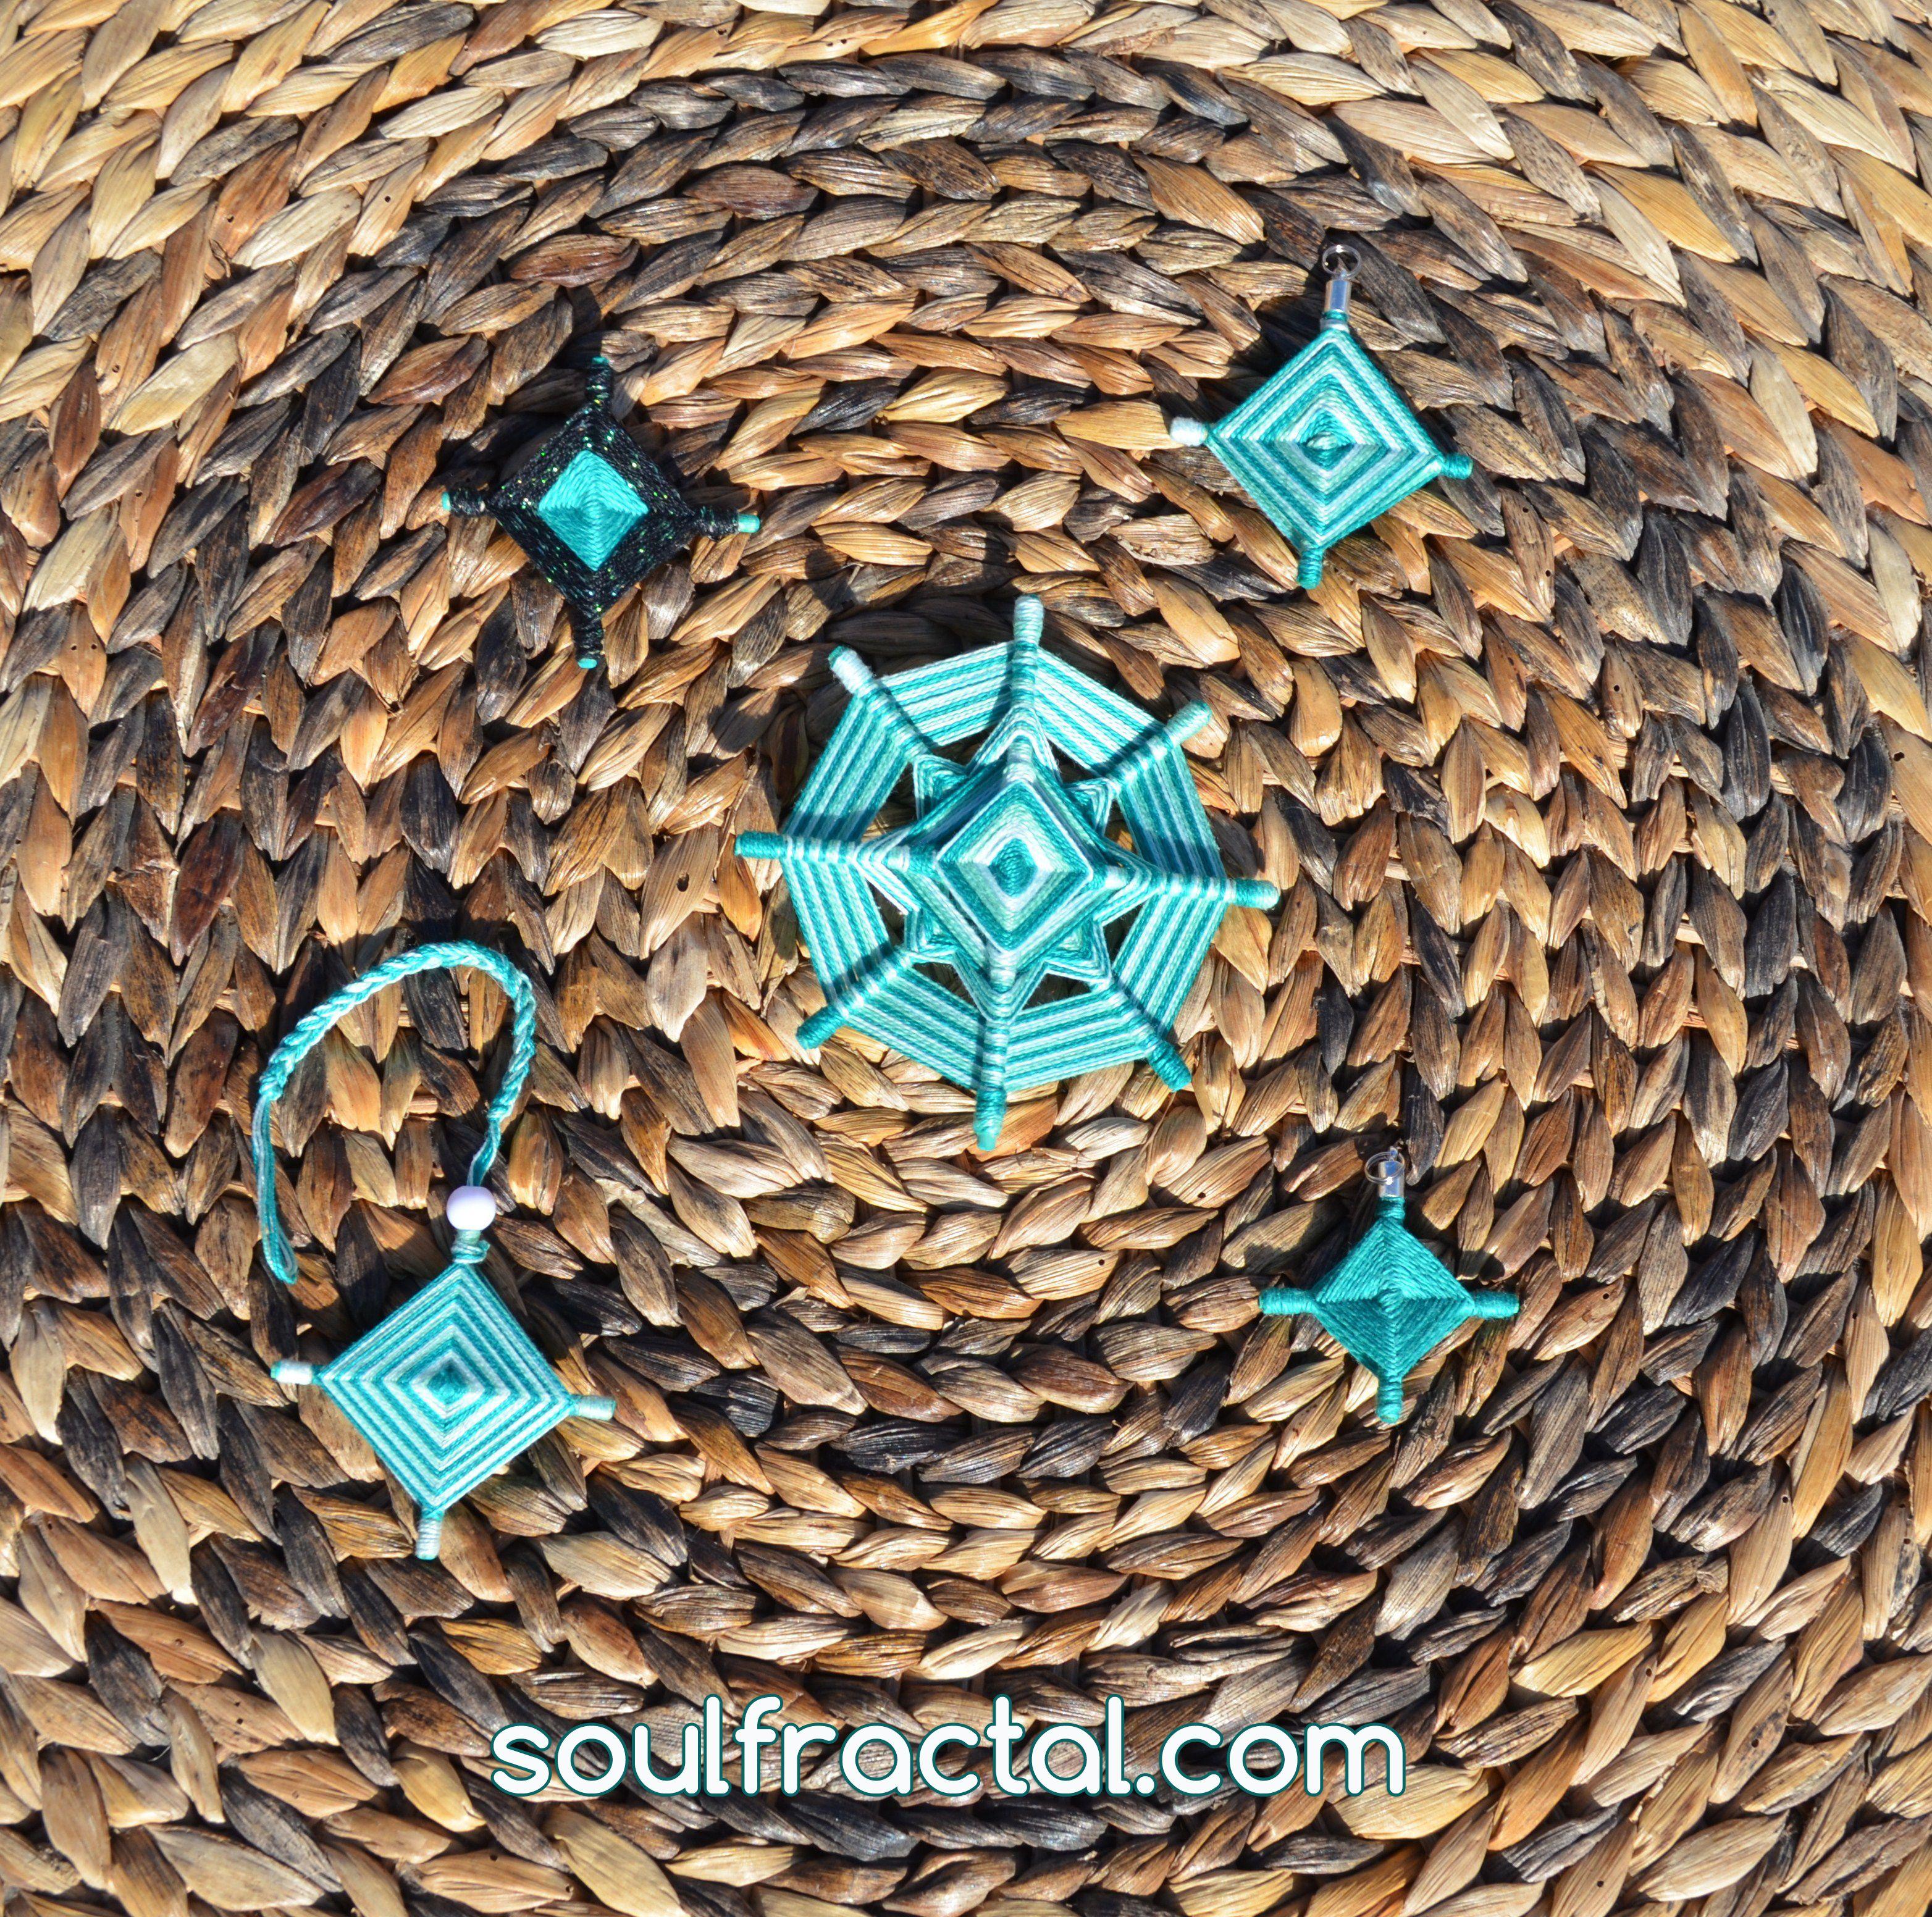 Mandala 8 puntas y Ojos de dios doble cara de 4 puntas tejido con hilo de algodón egipcio ❥Paz y Serenidad al instante.  + Descripción en web ツ #talismán #meditación #relajación #mandalas #creatividad #color #luz #serenidad #unidad #protección #magia #decoración #espitritualidad #arte #ArteSano